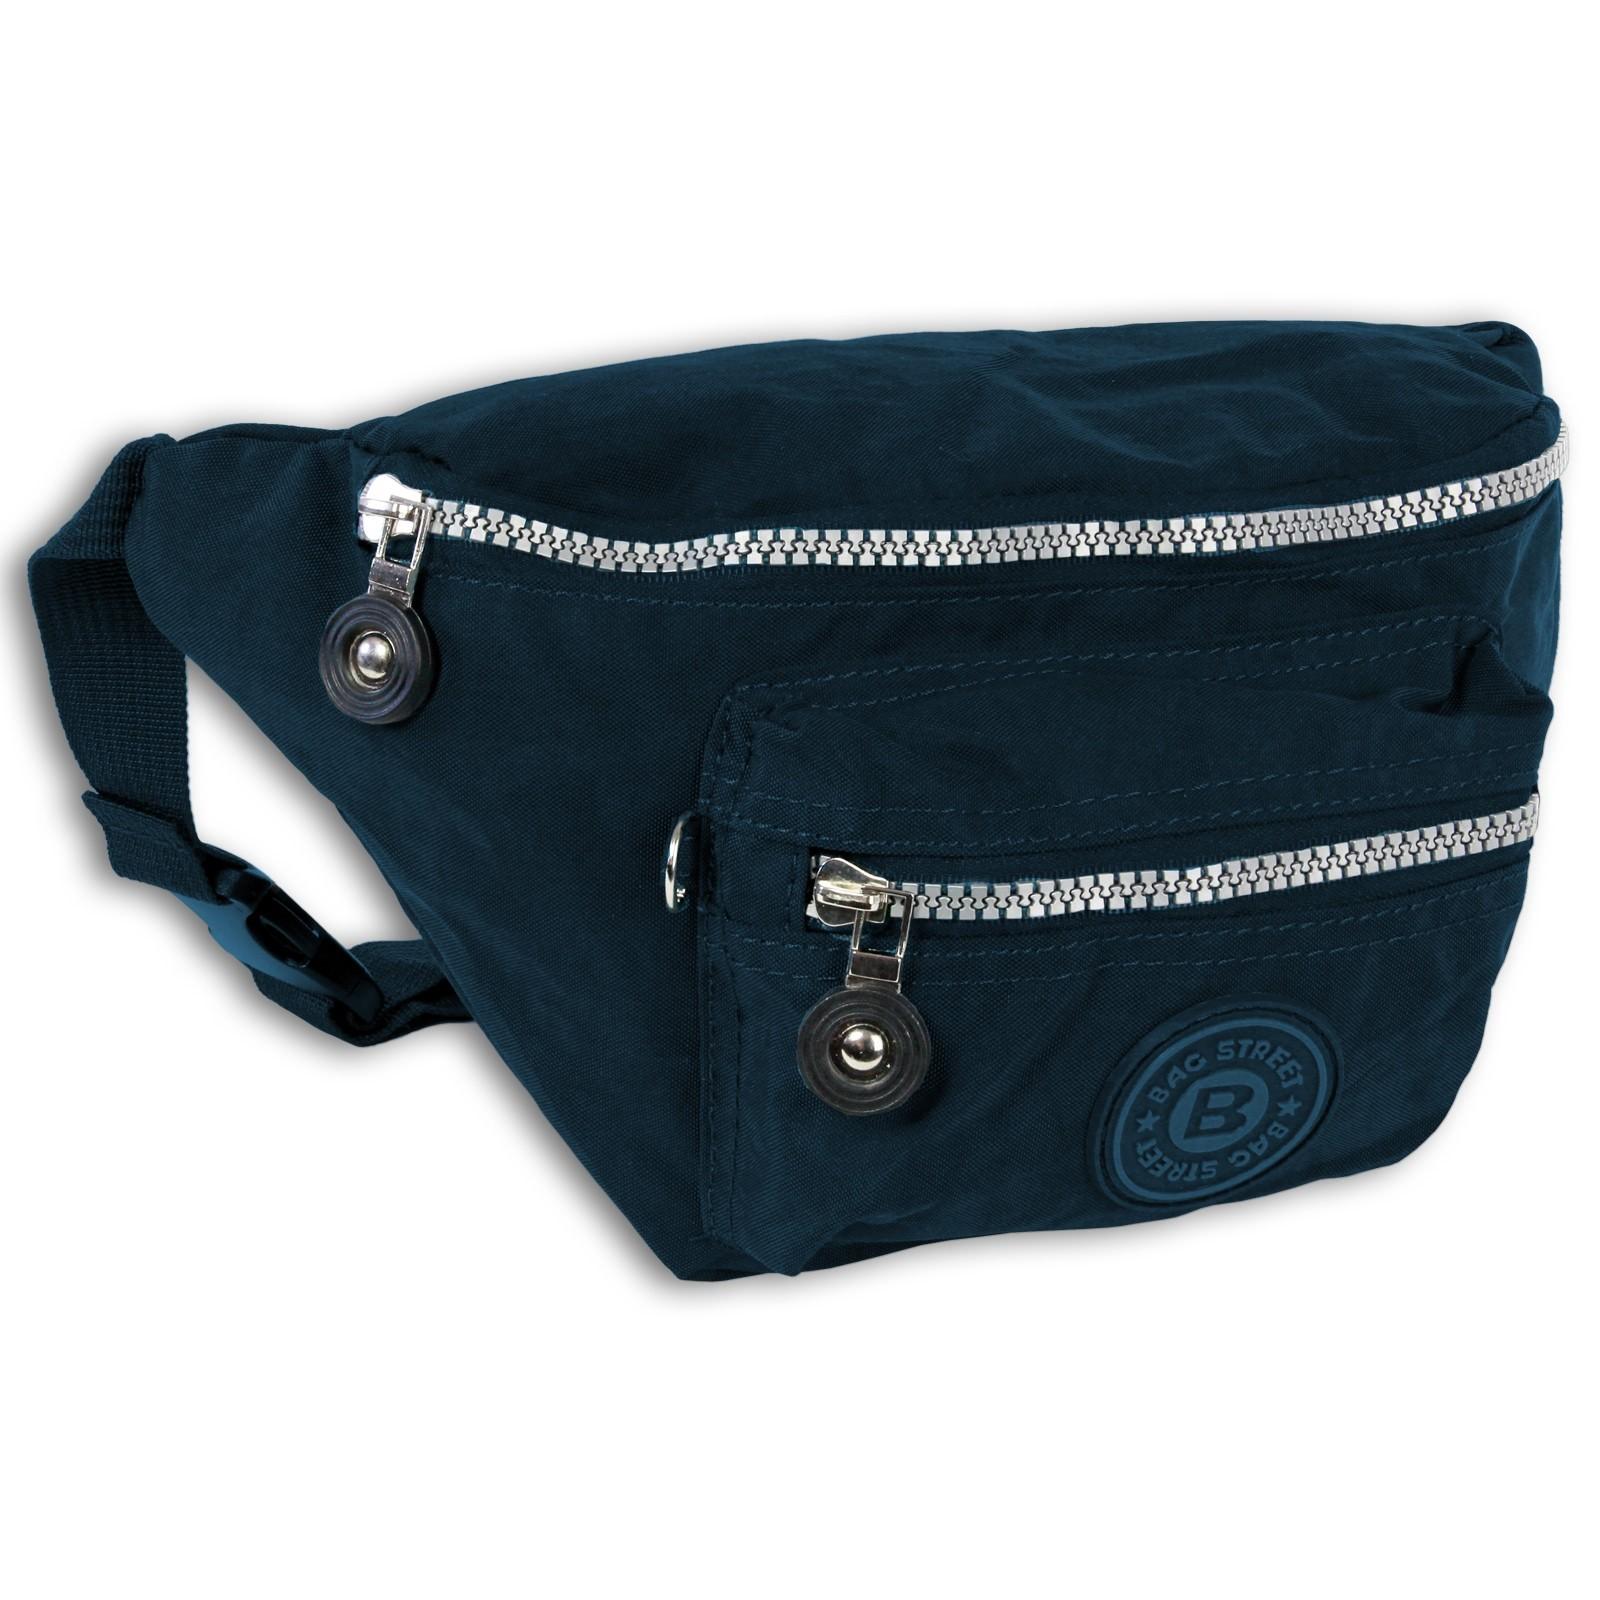 Gürteltasche Nylon blau Hüfttasche Bauchtasche Bag Street OTJ506B